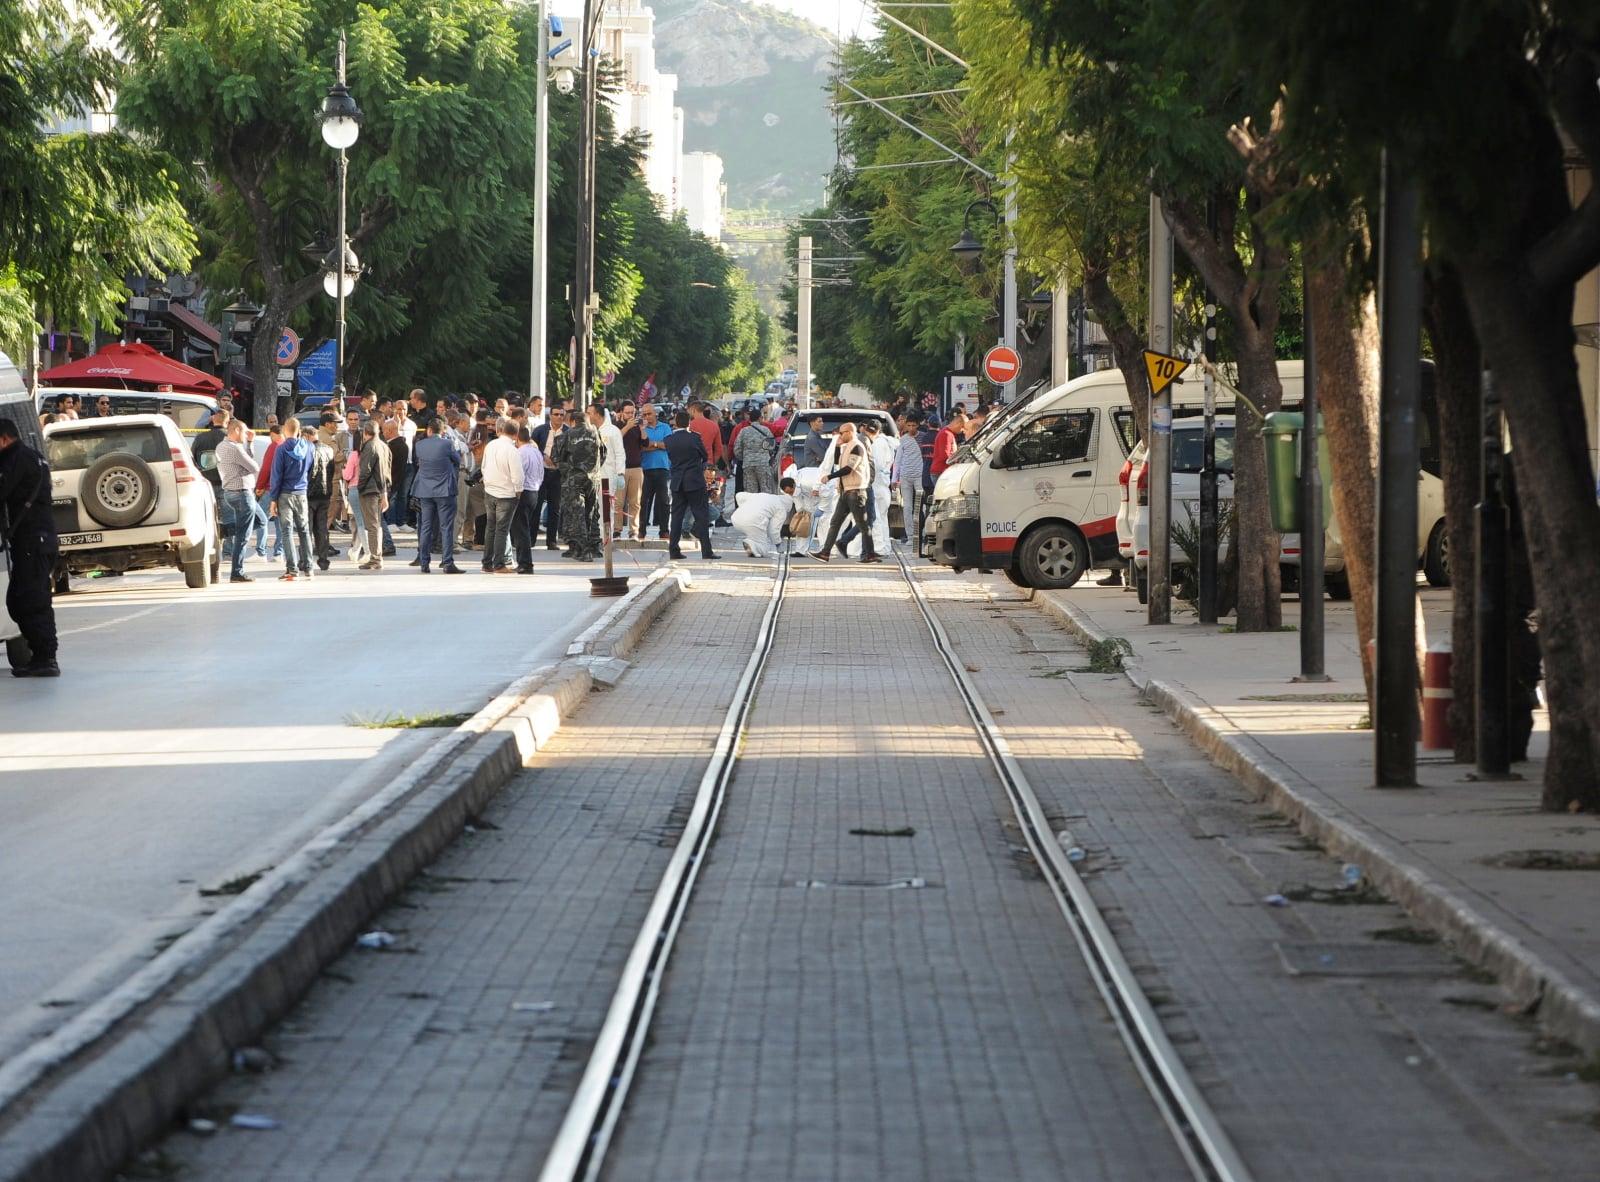 Zamach w Tunisie, Tunezja. Fot. PAP/EPA/STR